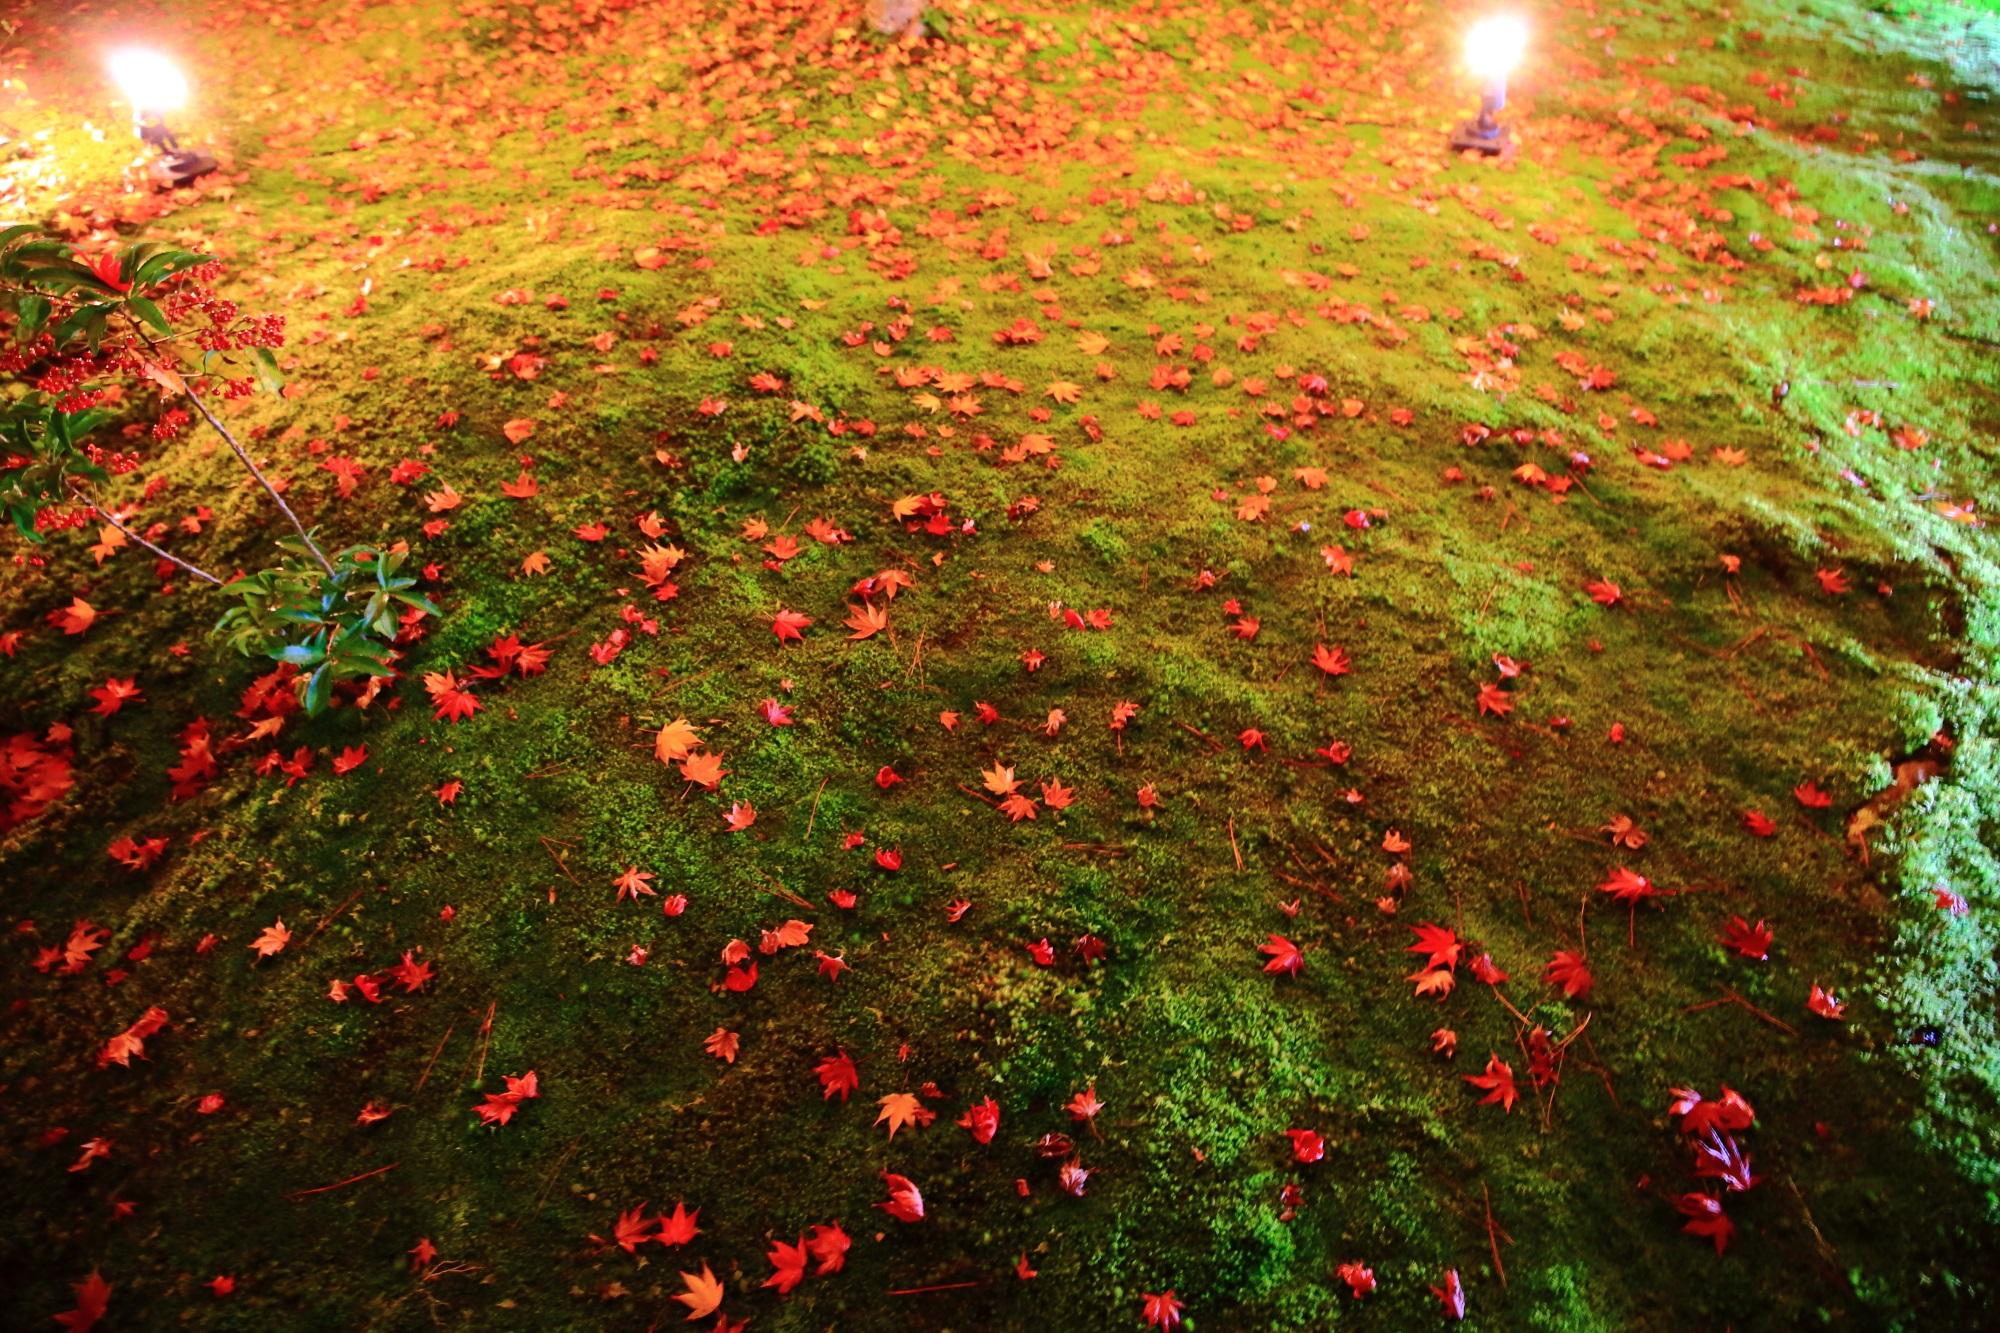 宝厳院の獅子吼の庭の苔と散りもみじのライトアップ